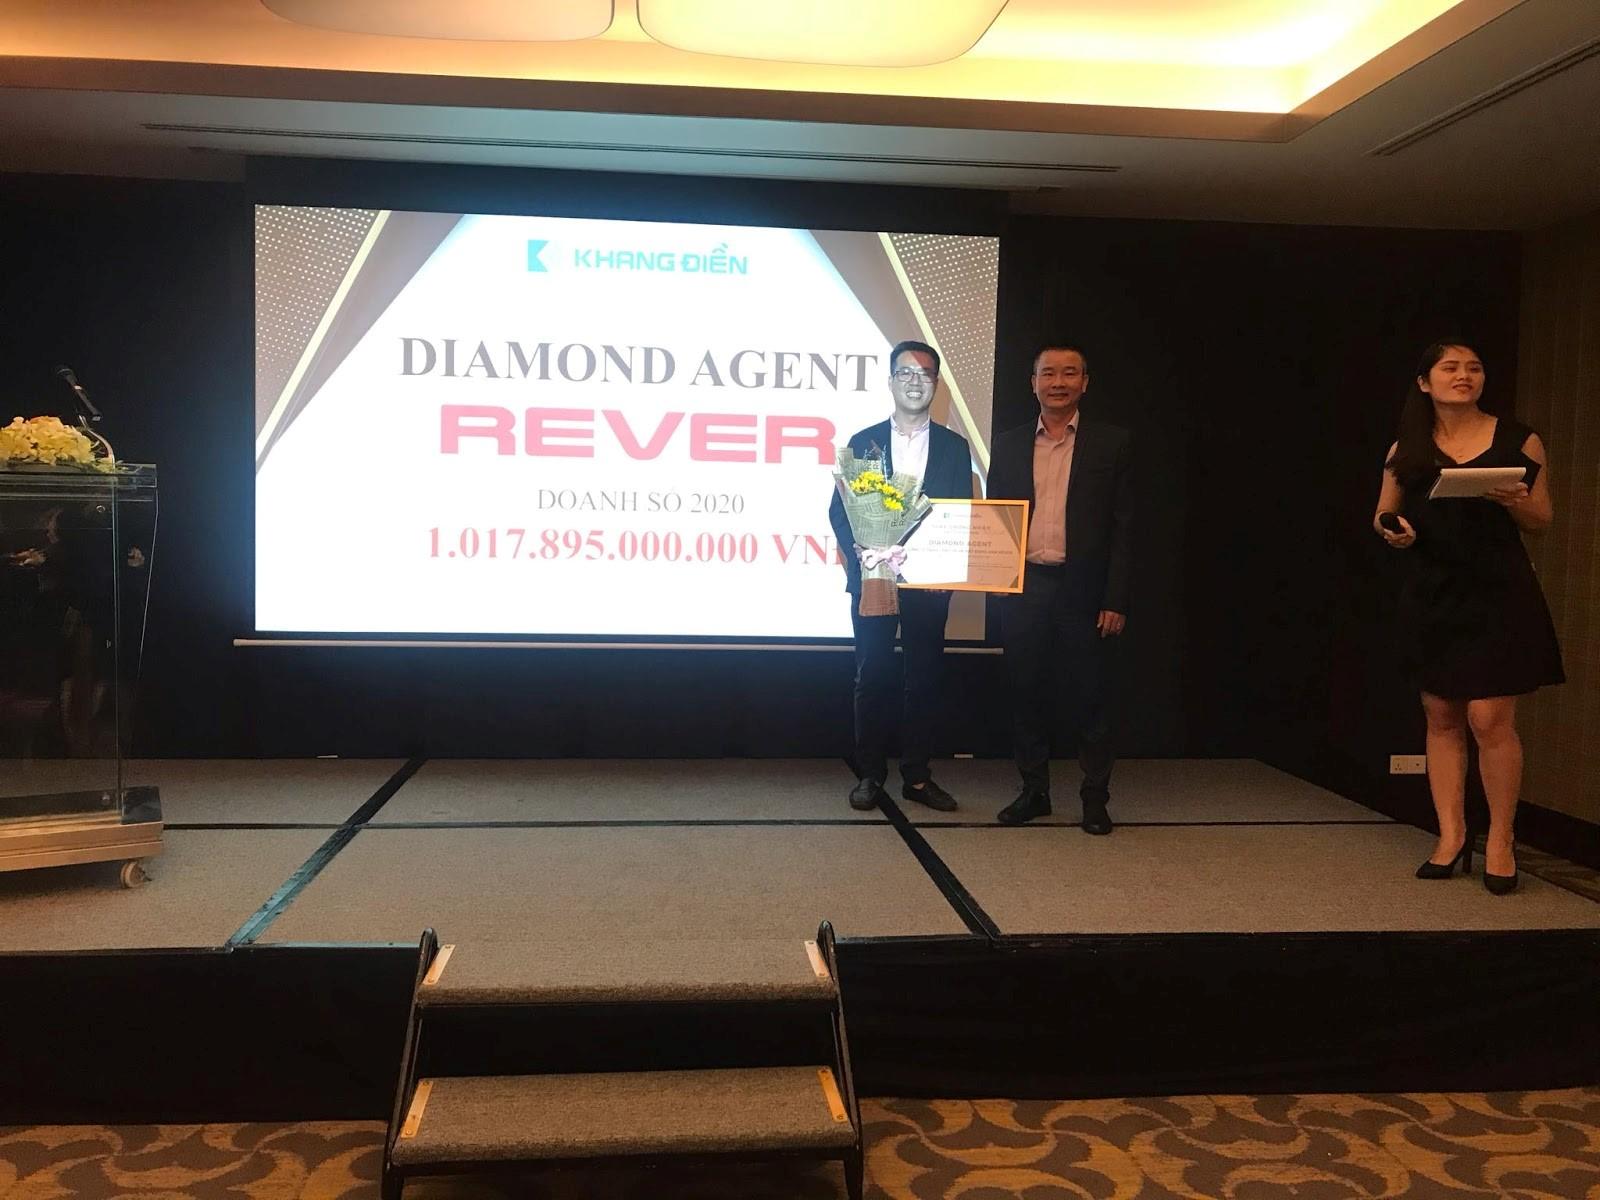 REVER là đơn vị môi giới xuất sắc đạt doanh số bán hàng trên 1.000 tỷ của Khang Điền - 1